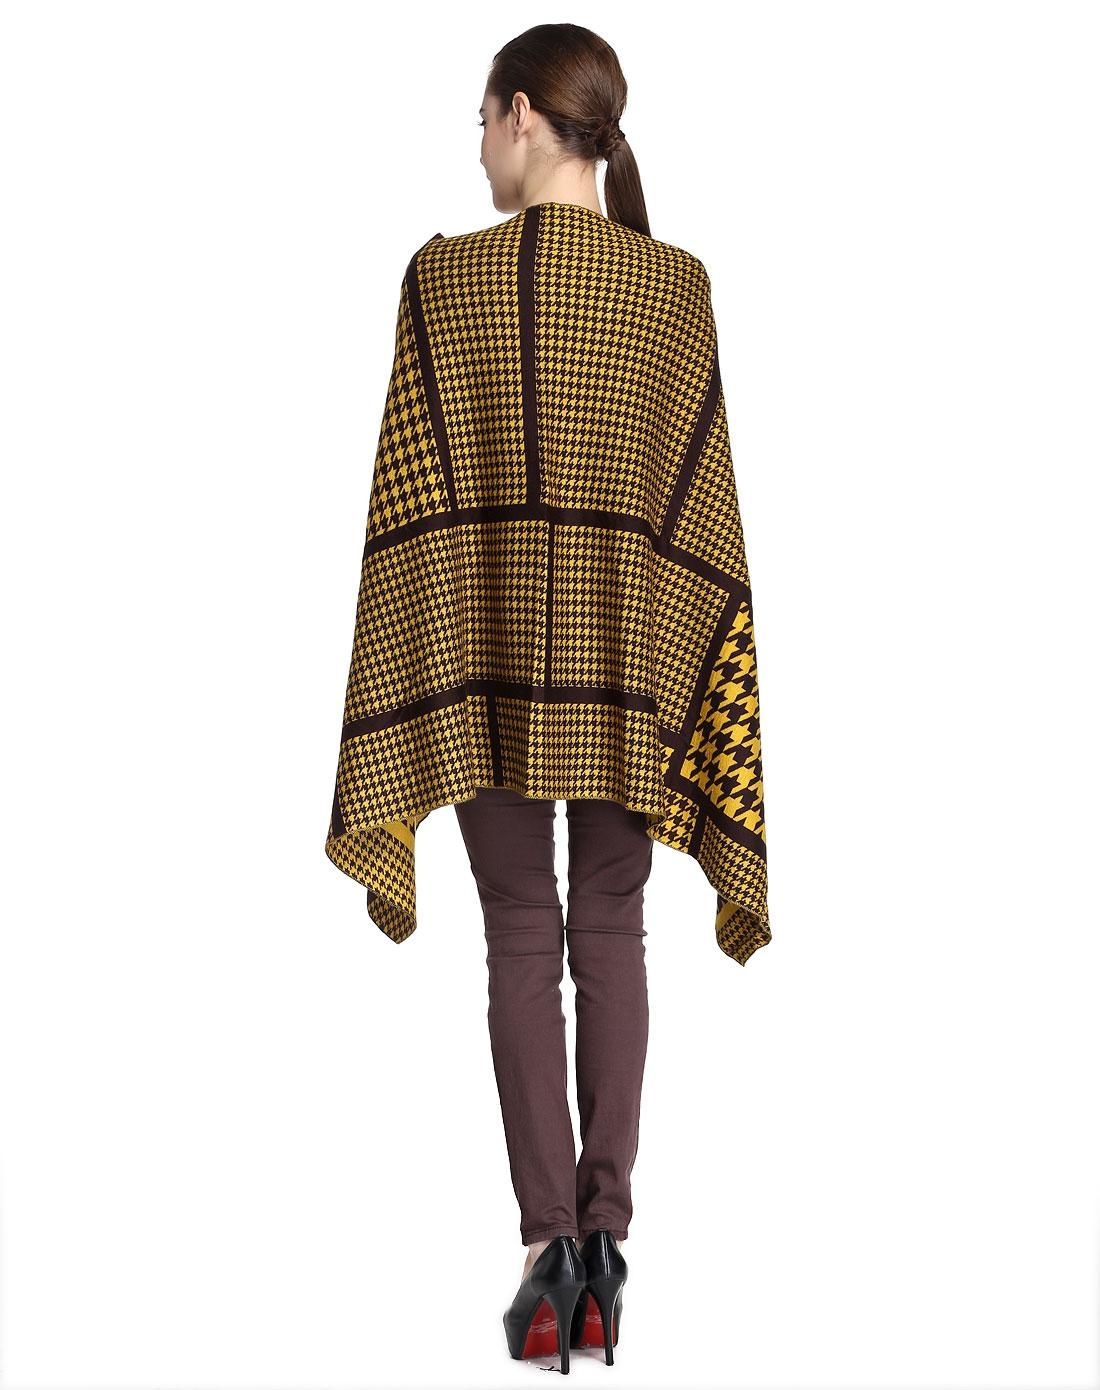 艺术千鸟格黄色针织斗篷式披肩上衣